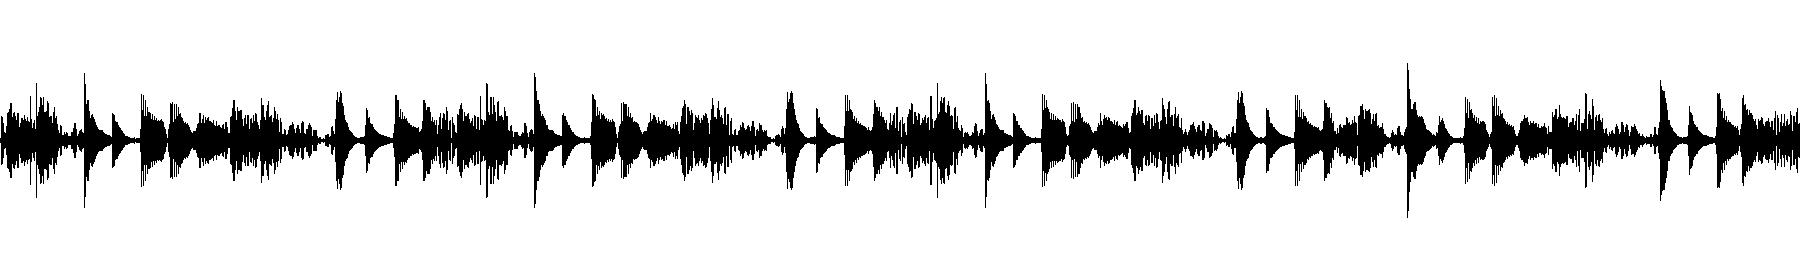 32 synth loop c